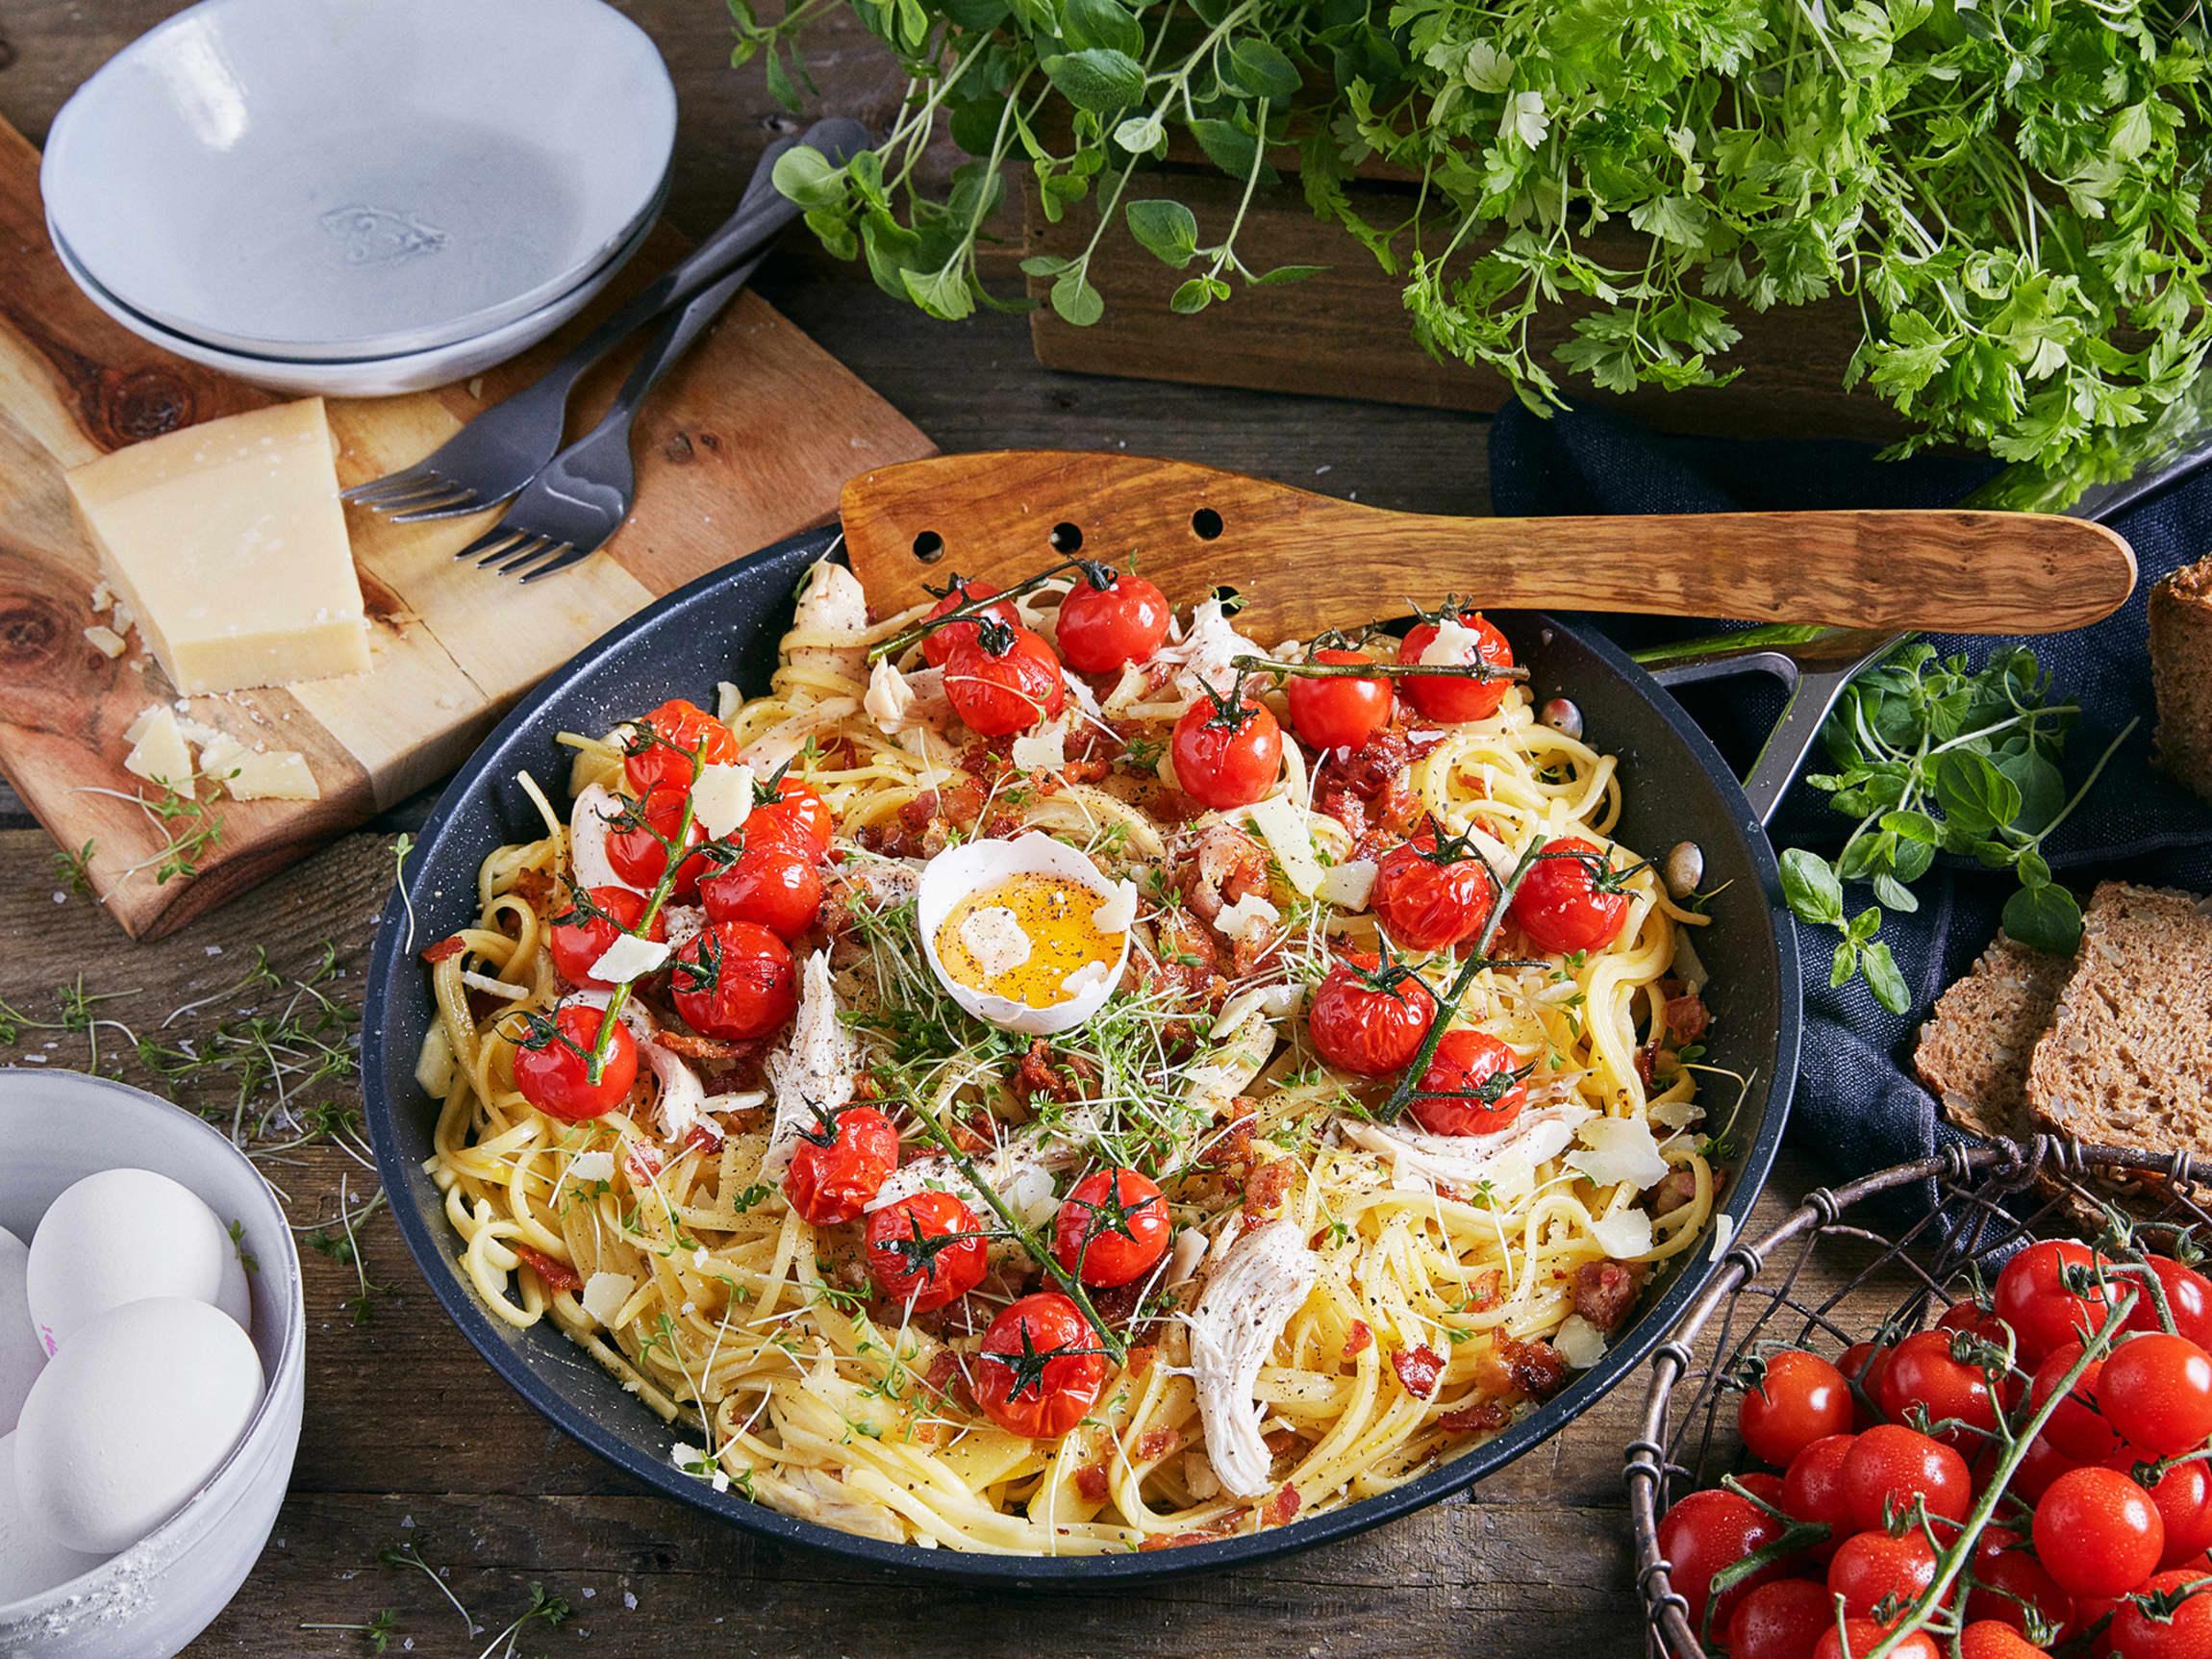 Ny vri på pasta carbonara med kylling og tomat.